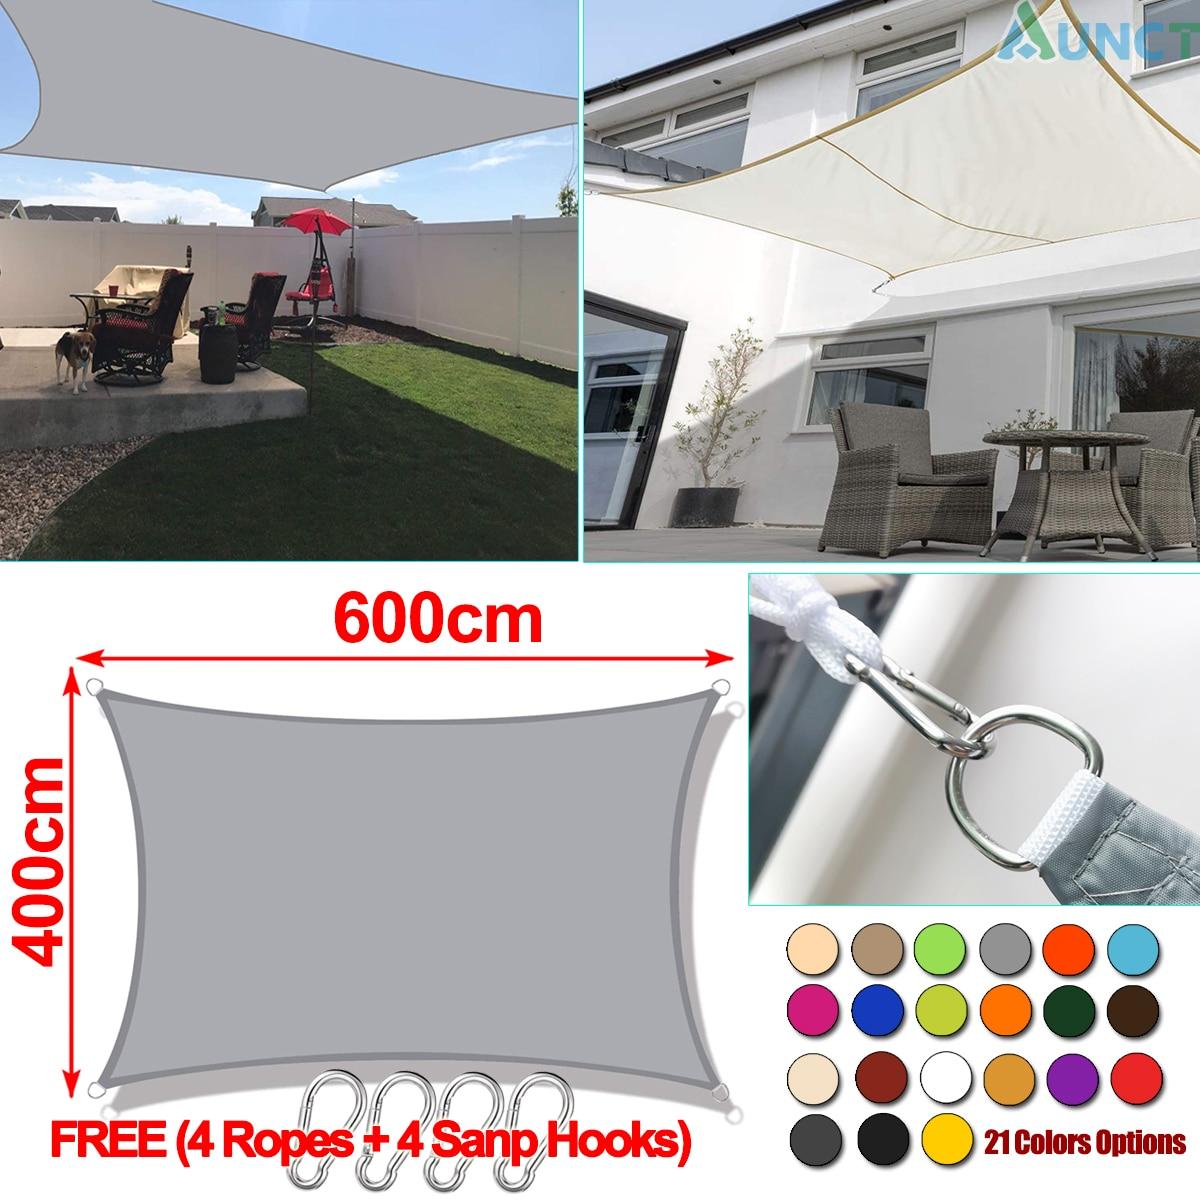 Voile dombrage rectangulaire Oxford 300D 4x6M, bâche de protection solaire de piscine, auvent dextérieur, voile imperméable, gazébo, auvent